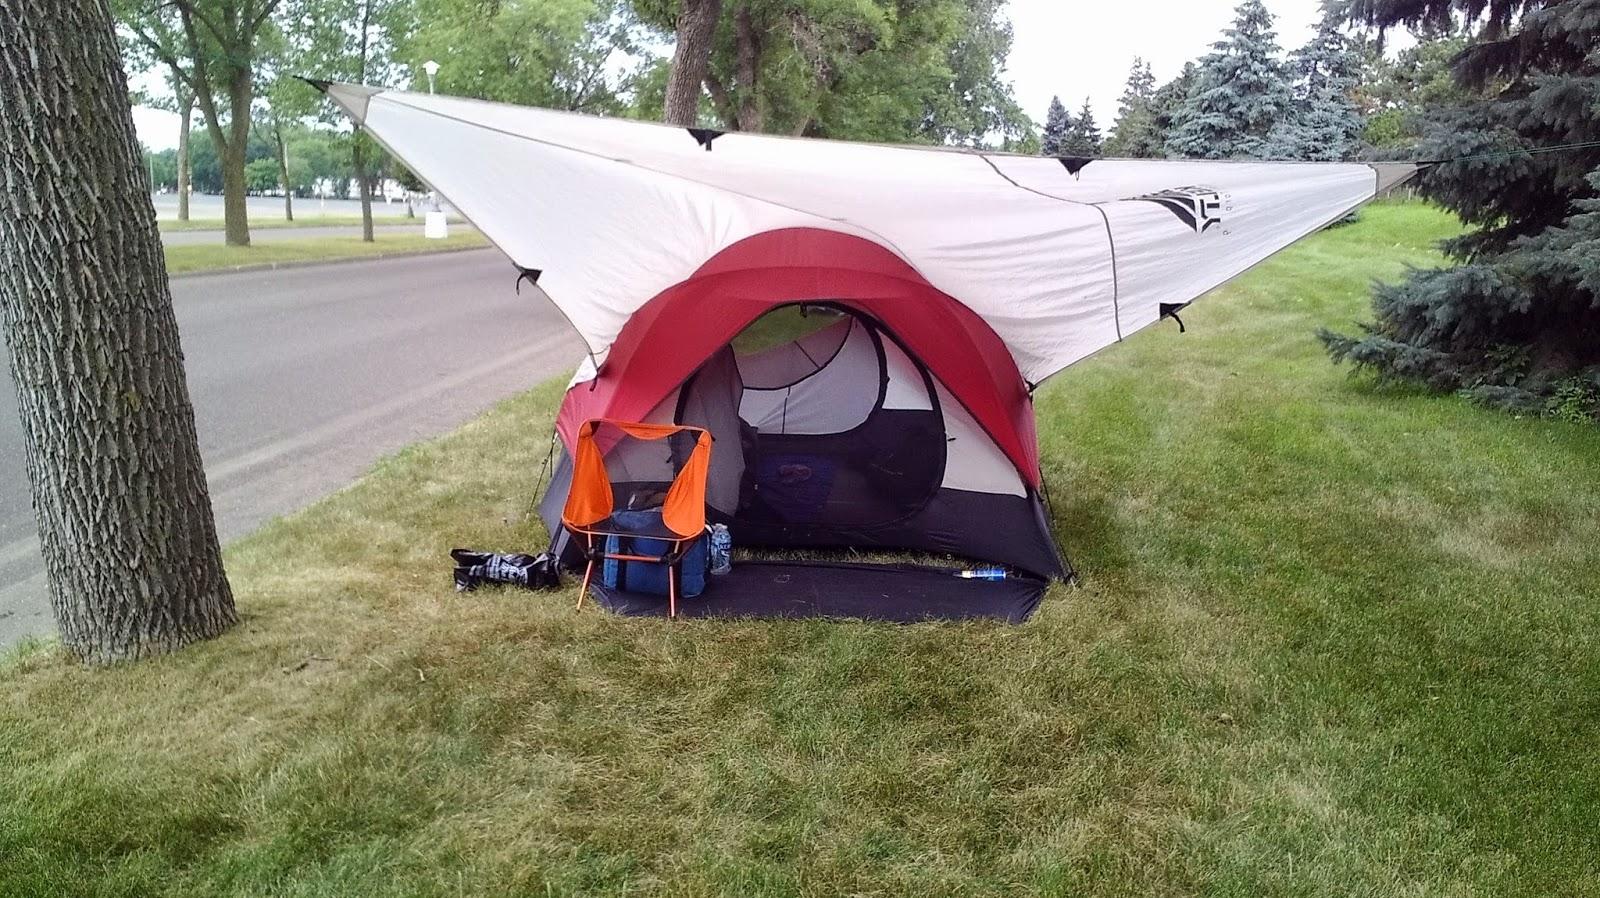 & MoToCamping: Tents